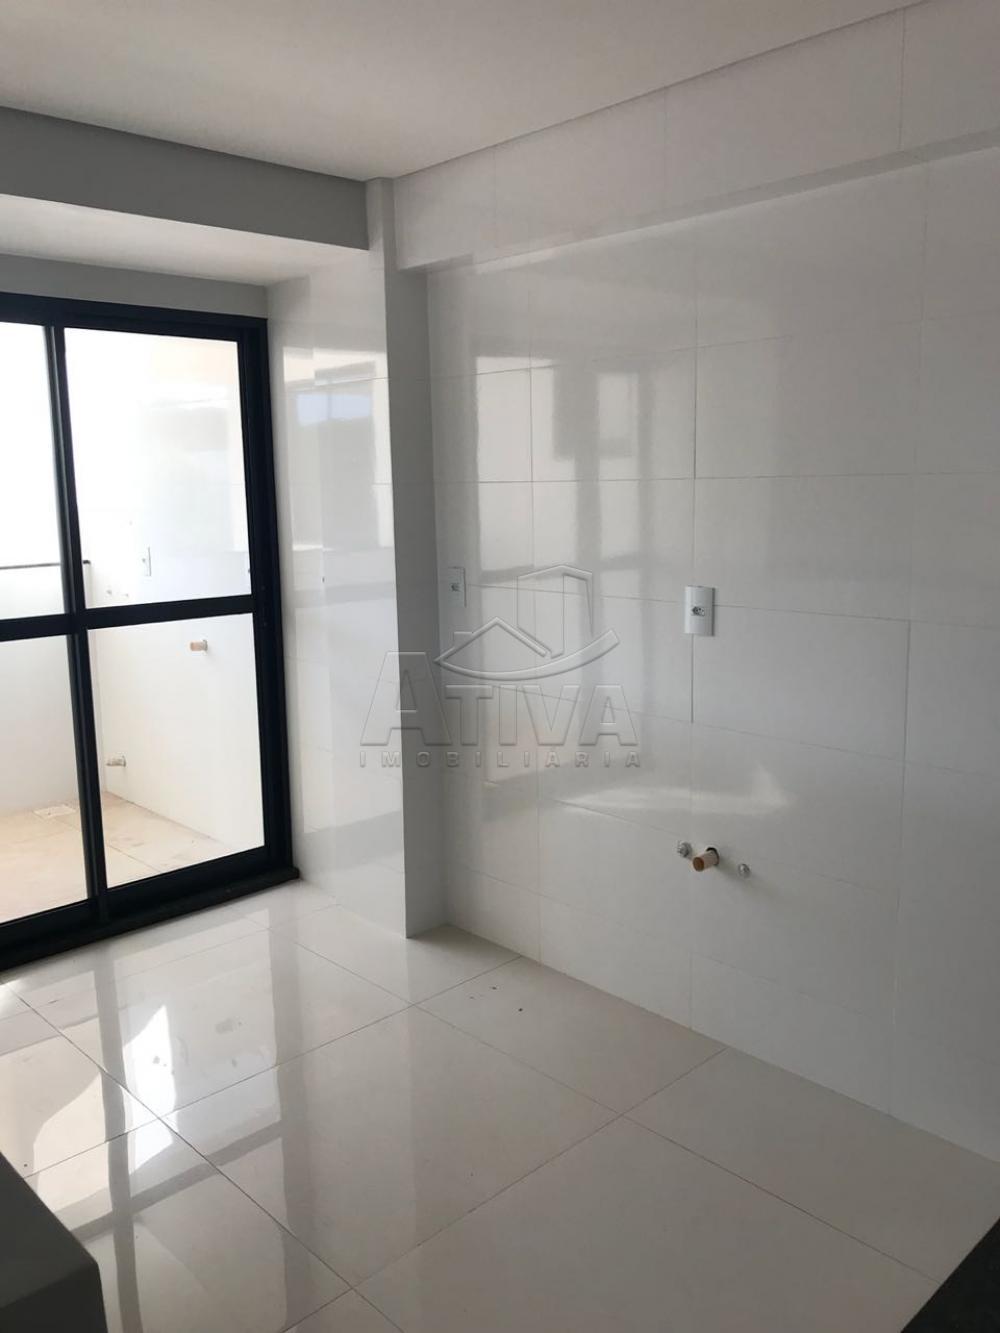 Comprar Apartamento / Padrão em Toledo apenas R$ 470.000,00 - Foto 15